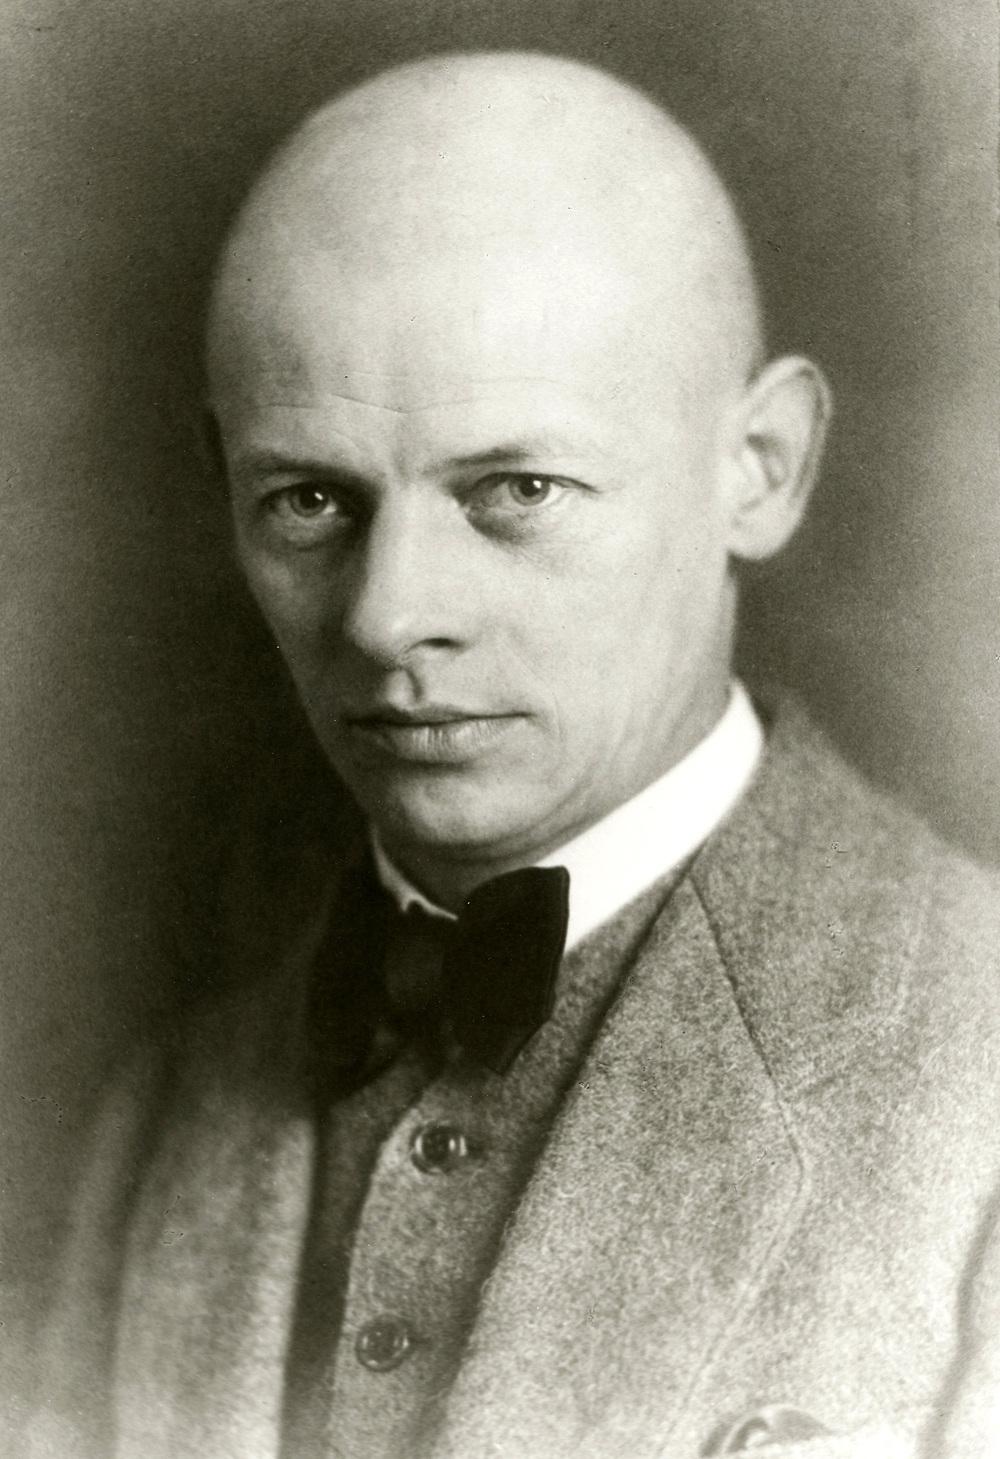 Retrato de Oskar Schlemmer